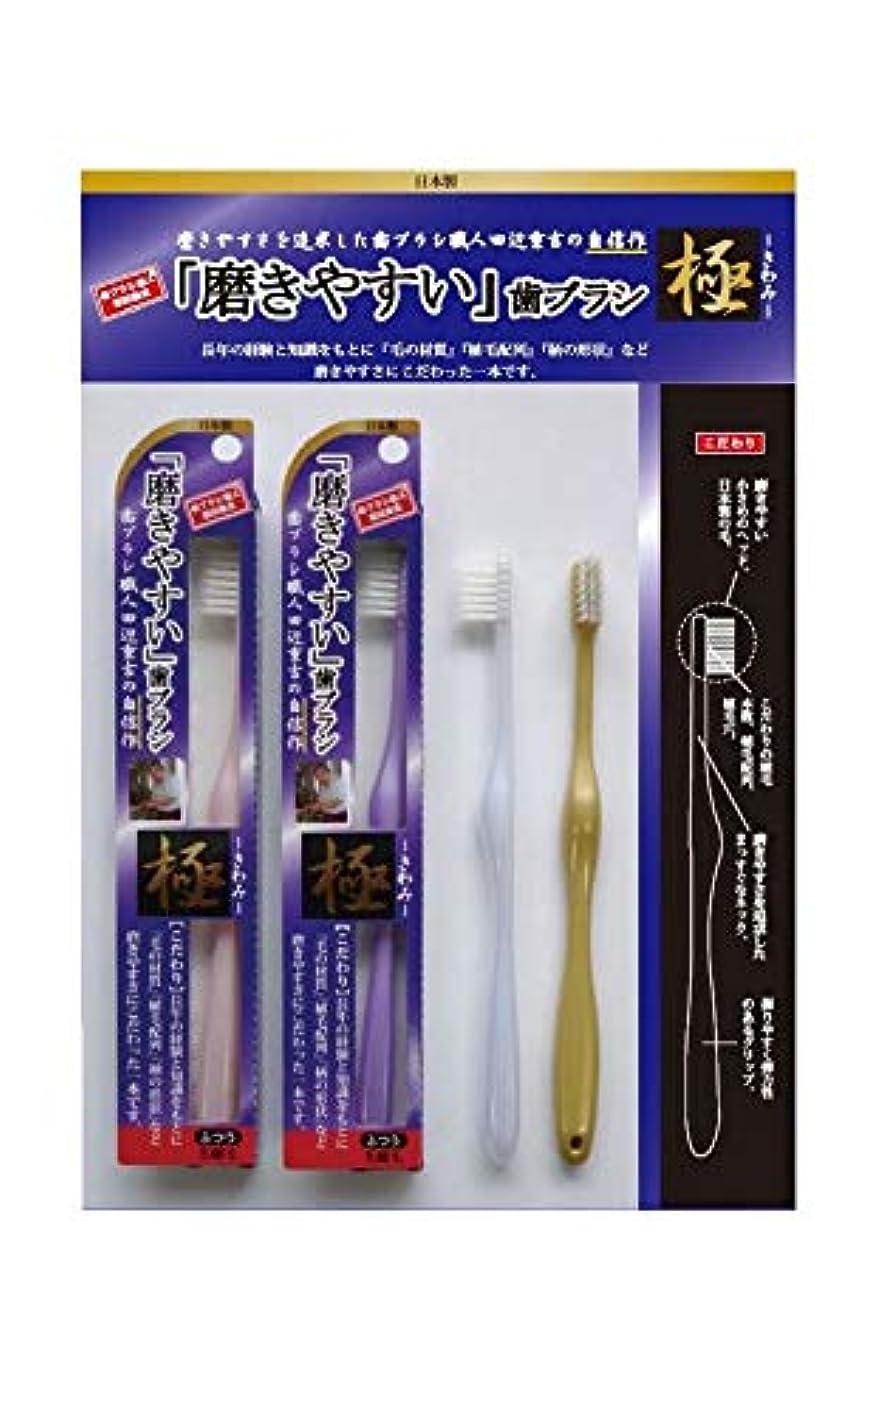 真夜中魅力証明書歯ブラシ職人 田辺重吉 磨きやすい歯ブラシ 極 先細毛タイプ LT-22(1本×4個セット)